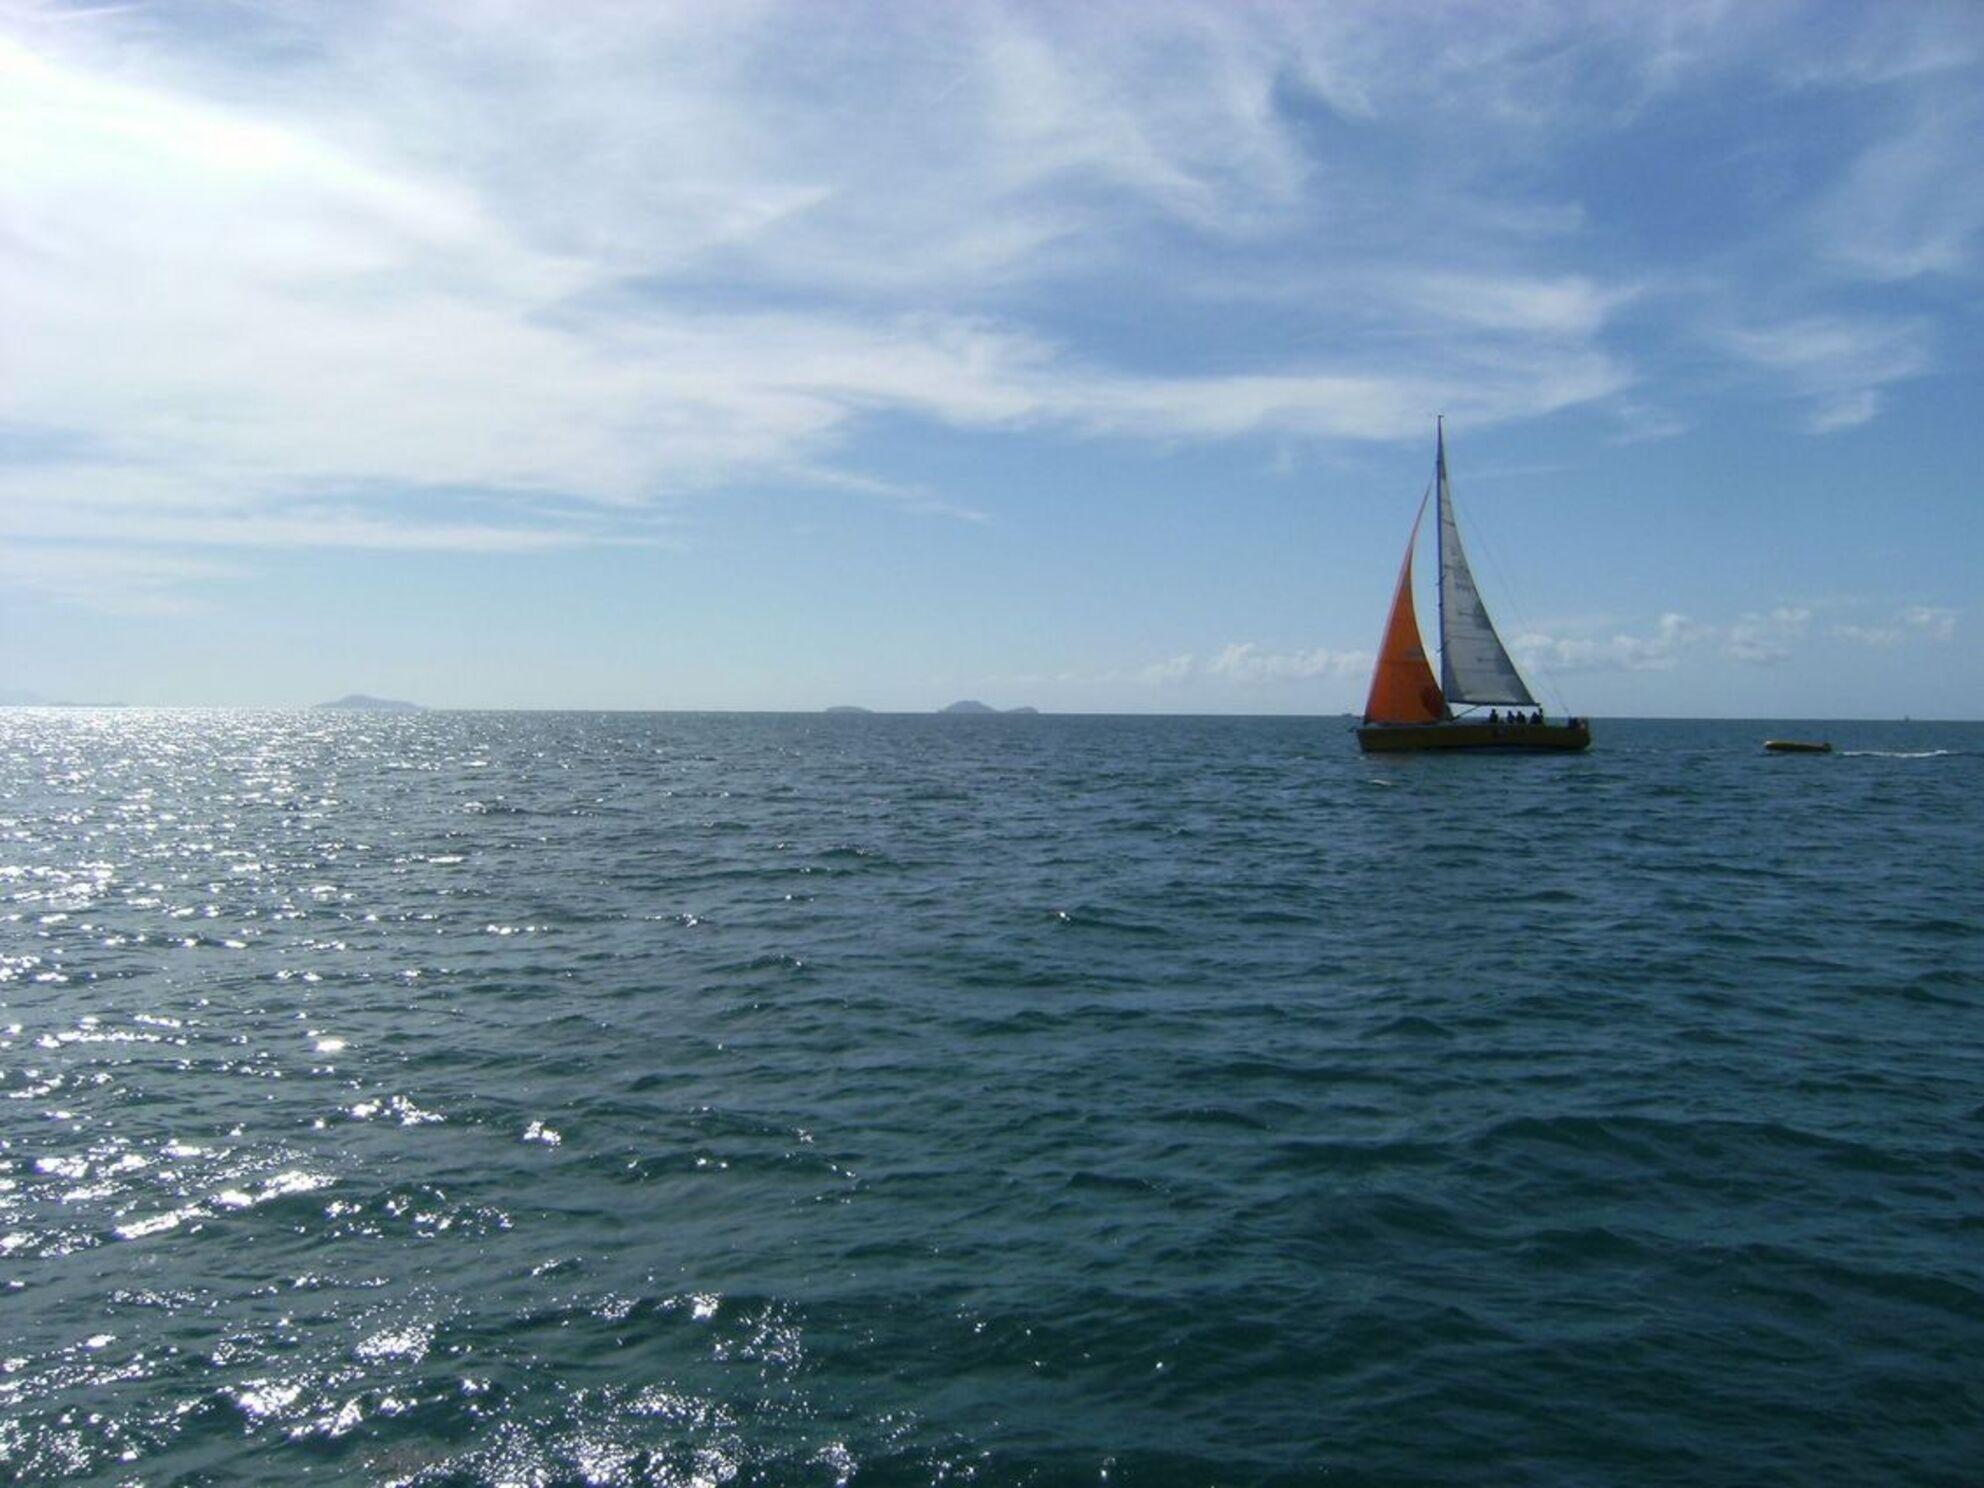 Zeilboot - Whitsunday's - foto door gijs87 op 16-09-2011 - deze foto bevat: zee, sunset, boot, zonsondergang, sun, meer, australie - Deze foto mag gebruikt worden in een Zoom.nl publicatie